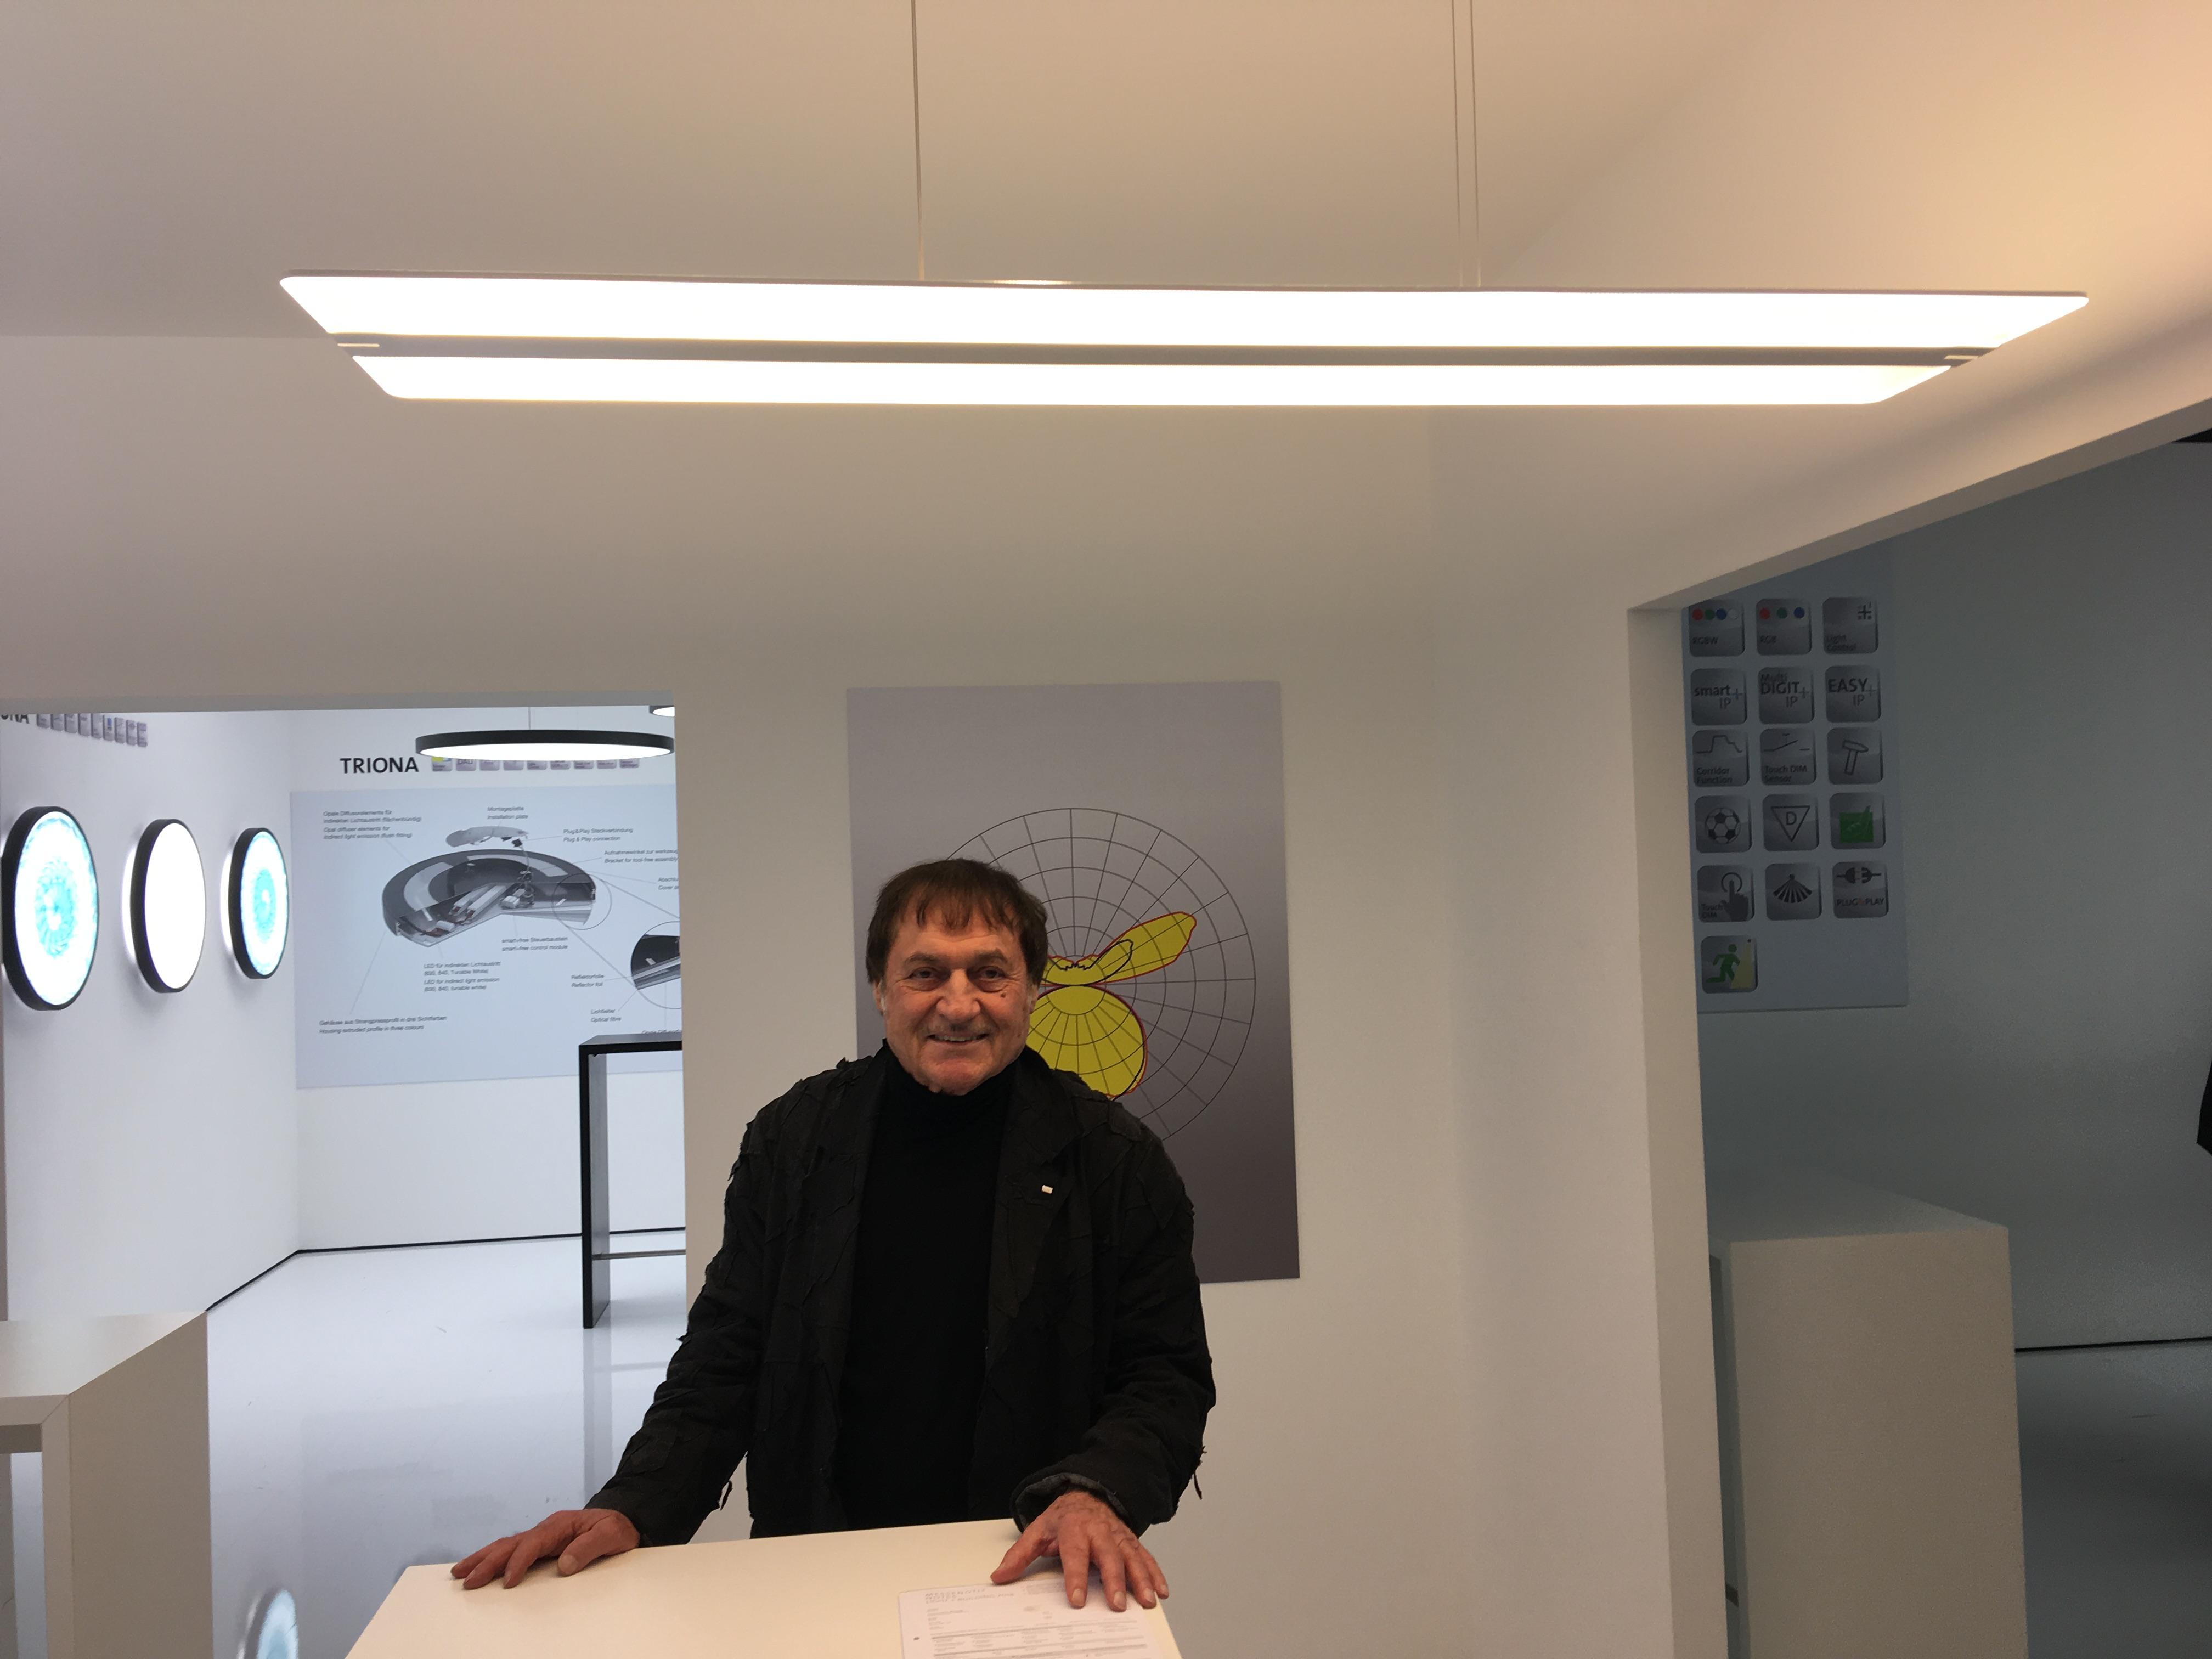 Der Designer Hartmut S. Engel präsentiert an der Light + Building das Produkt Twindot